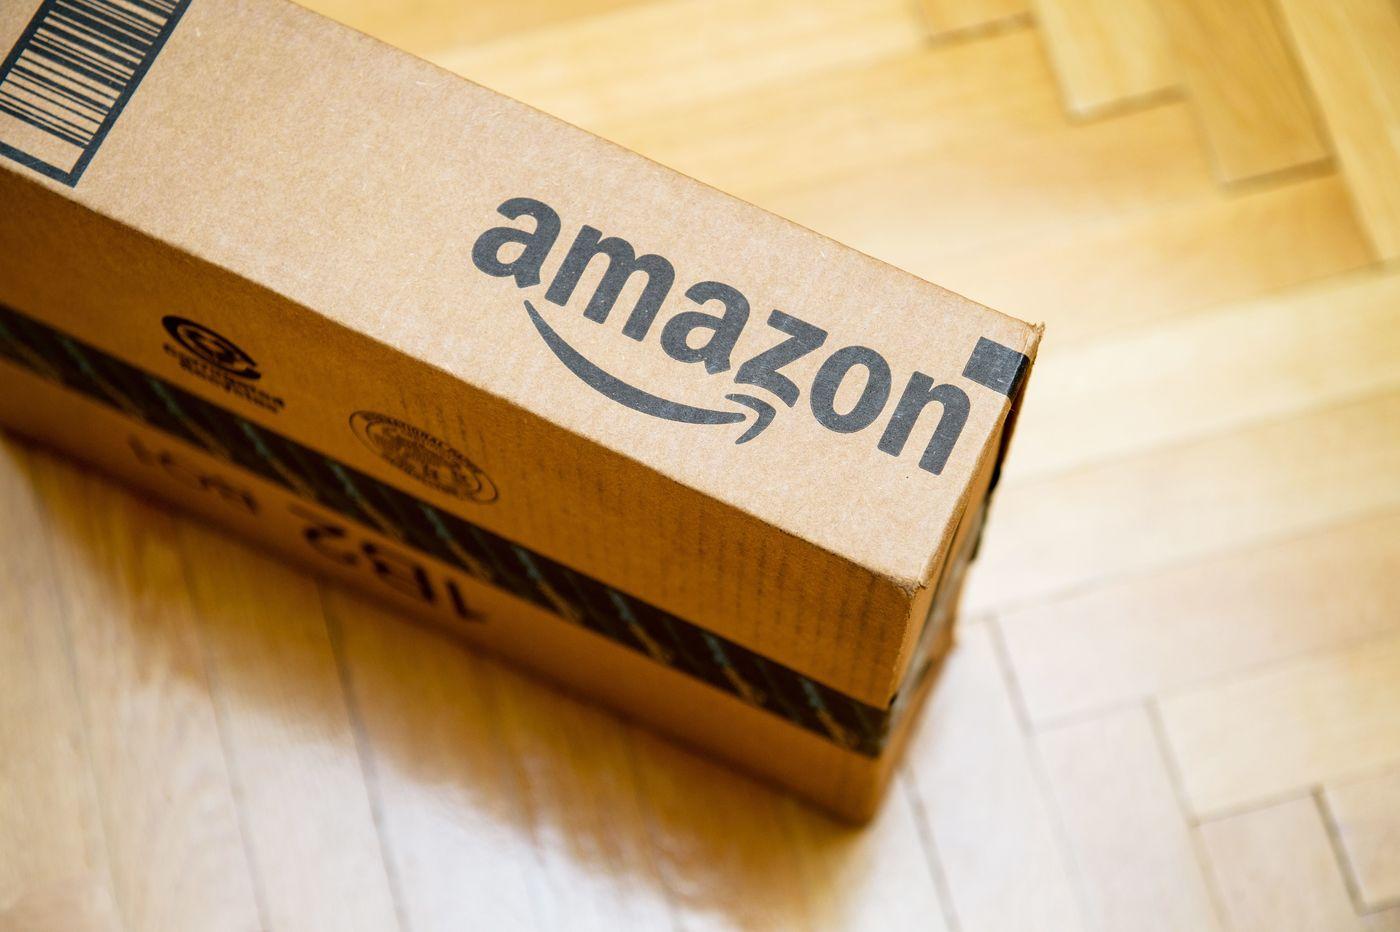 Amazonブラックフライデー!2021年は11/26から?目玉商品と攻略方法の5枚目の画像